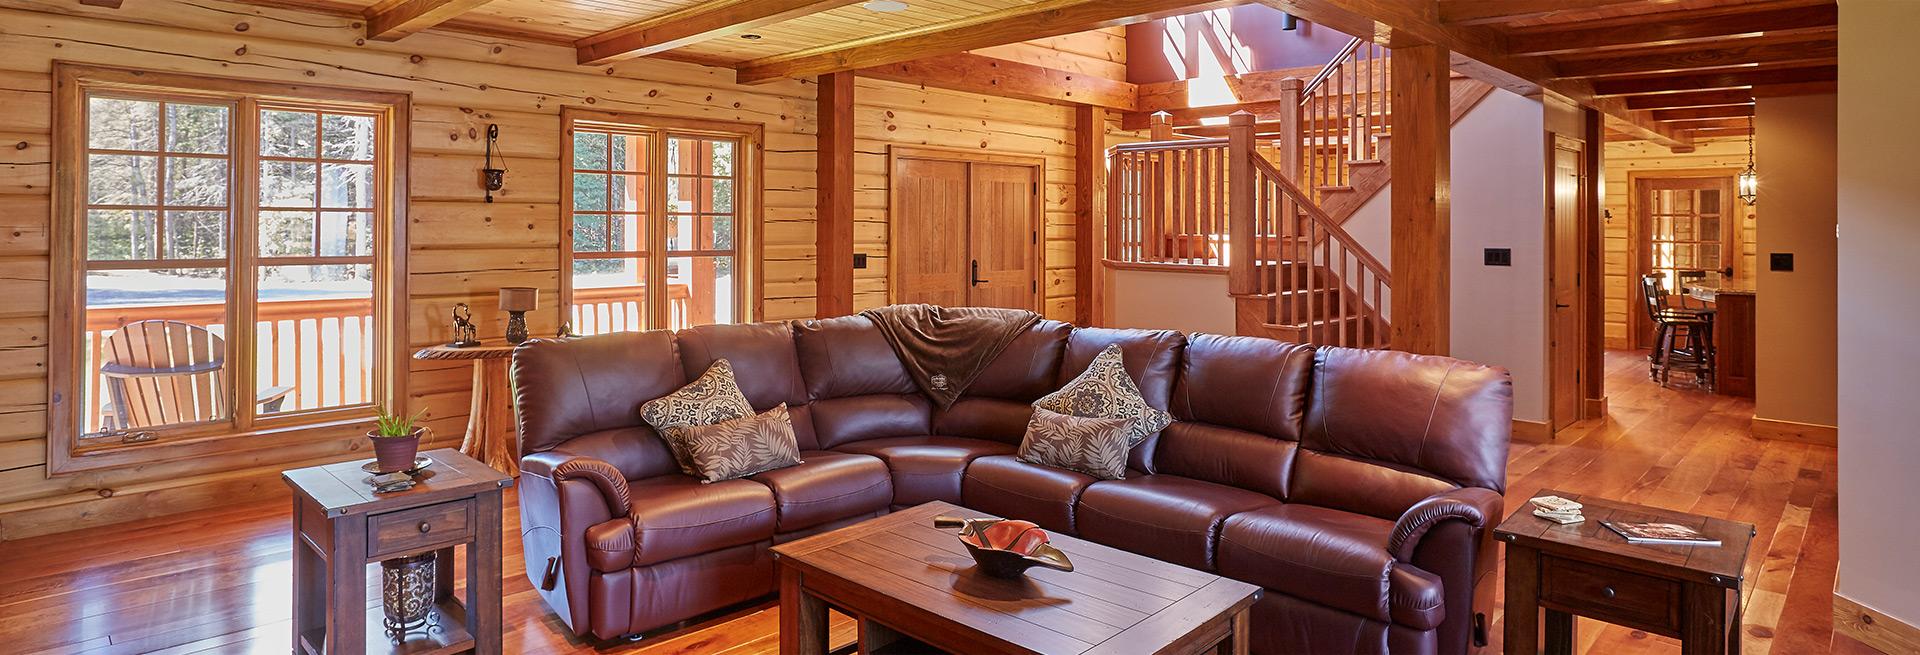 Log Home living room interior